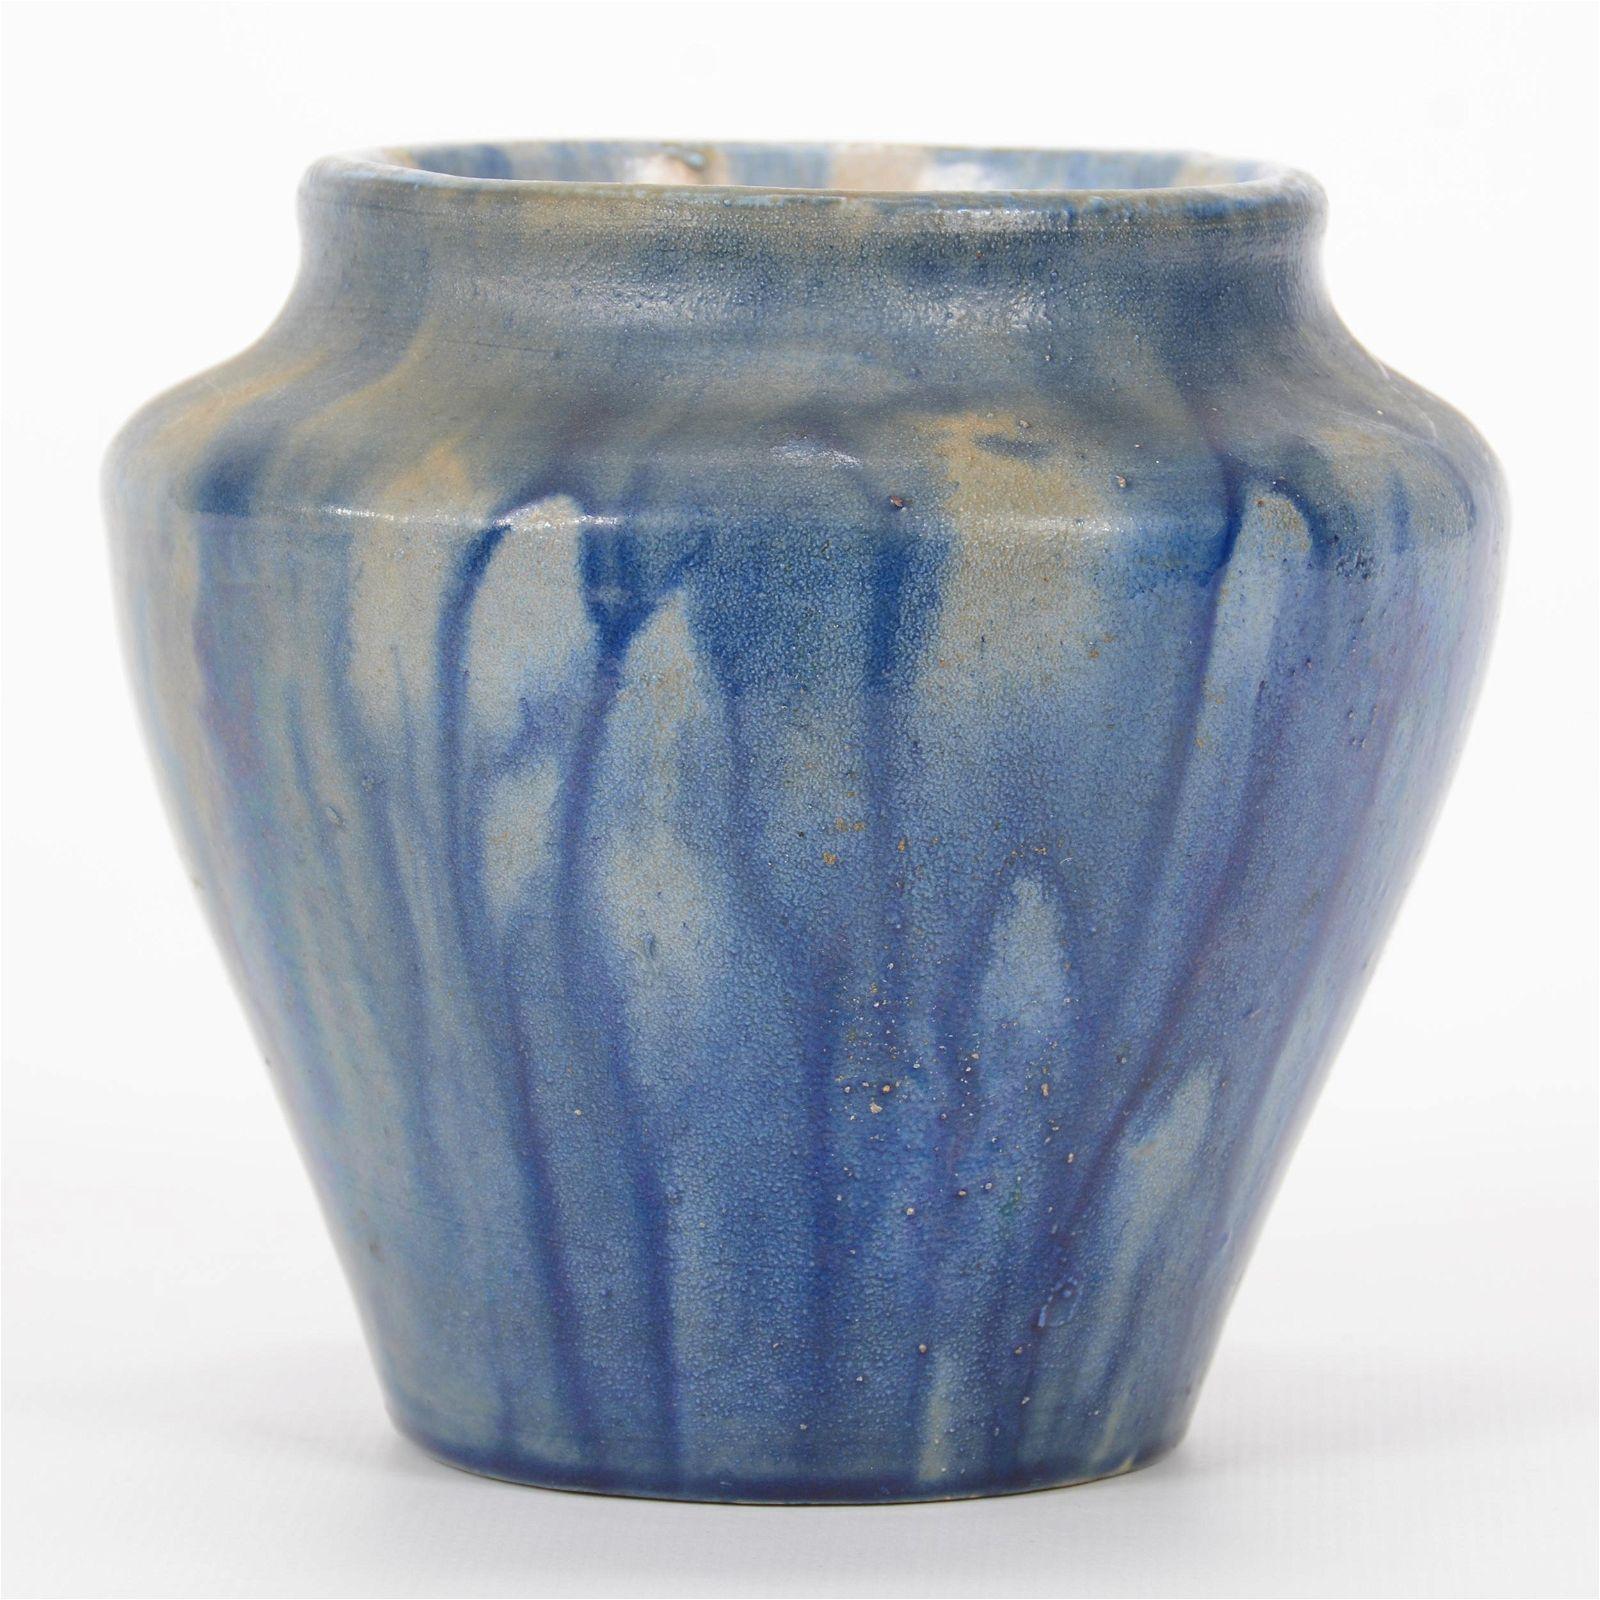 Vase, Art Pottery Signed G. Scott, Dated 1921